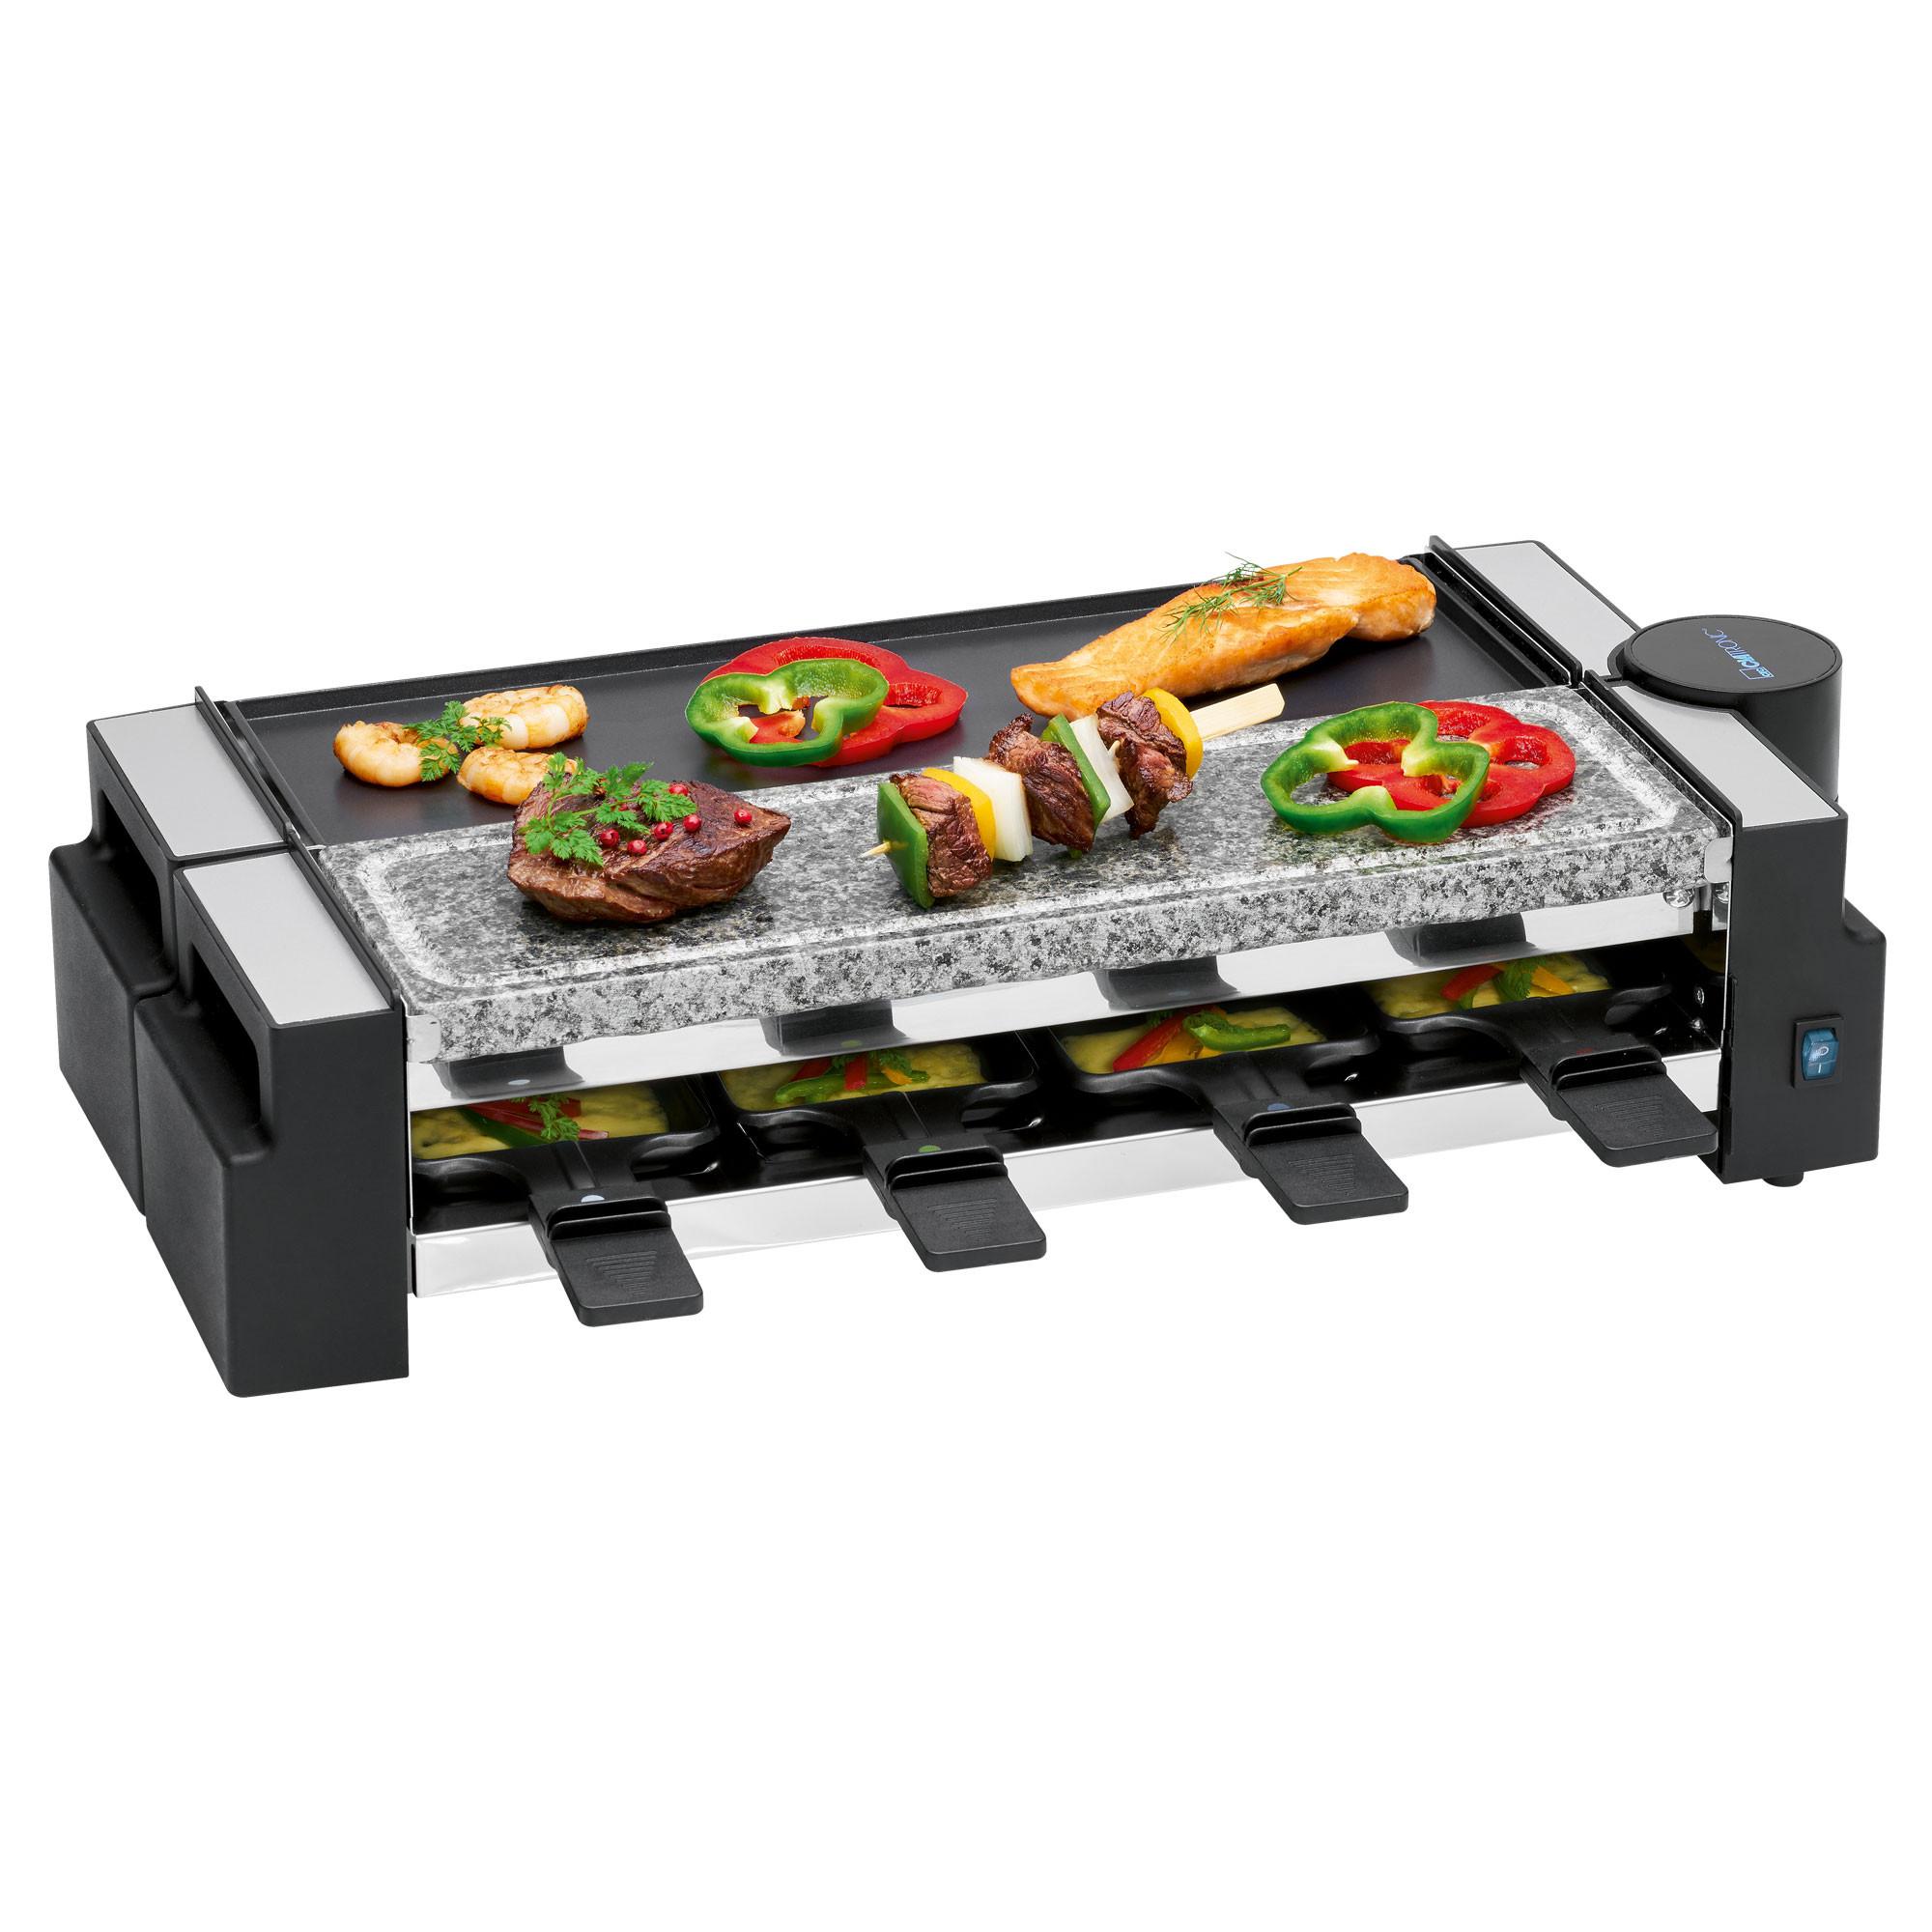 Clatronic RG 3678 - Raclette Grill con piedra natural y placa reversible, 8 personas, 1200W